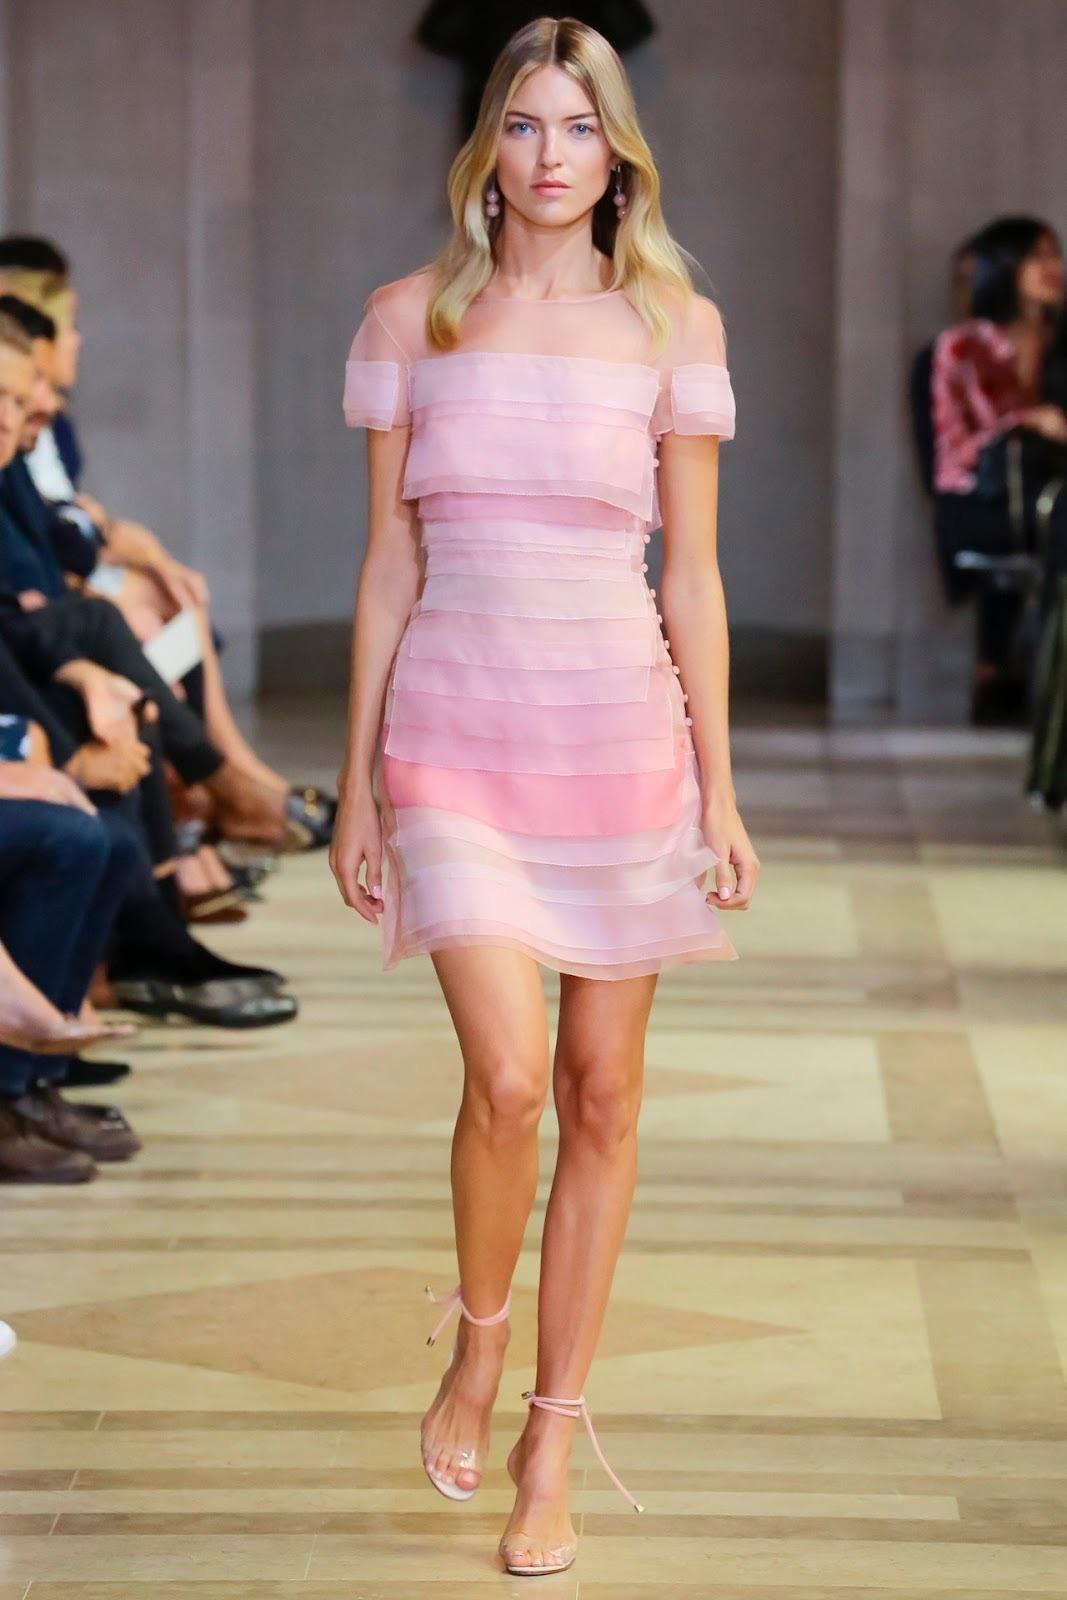 Martha Hunt : Star Style - Celebrity fashion